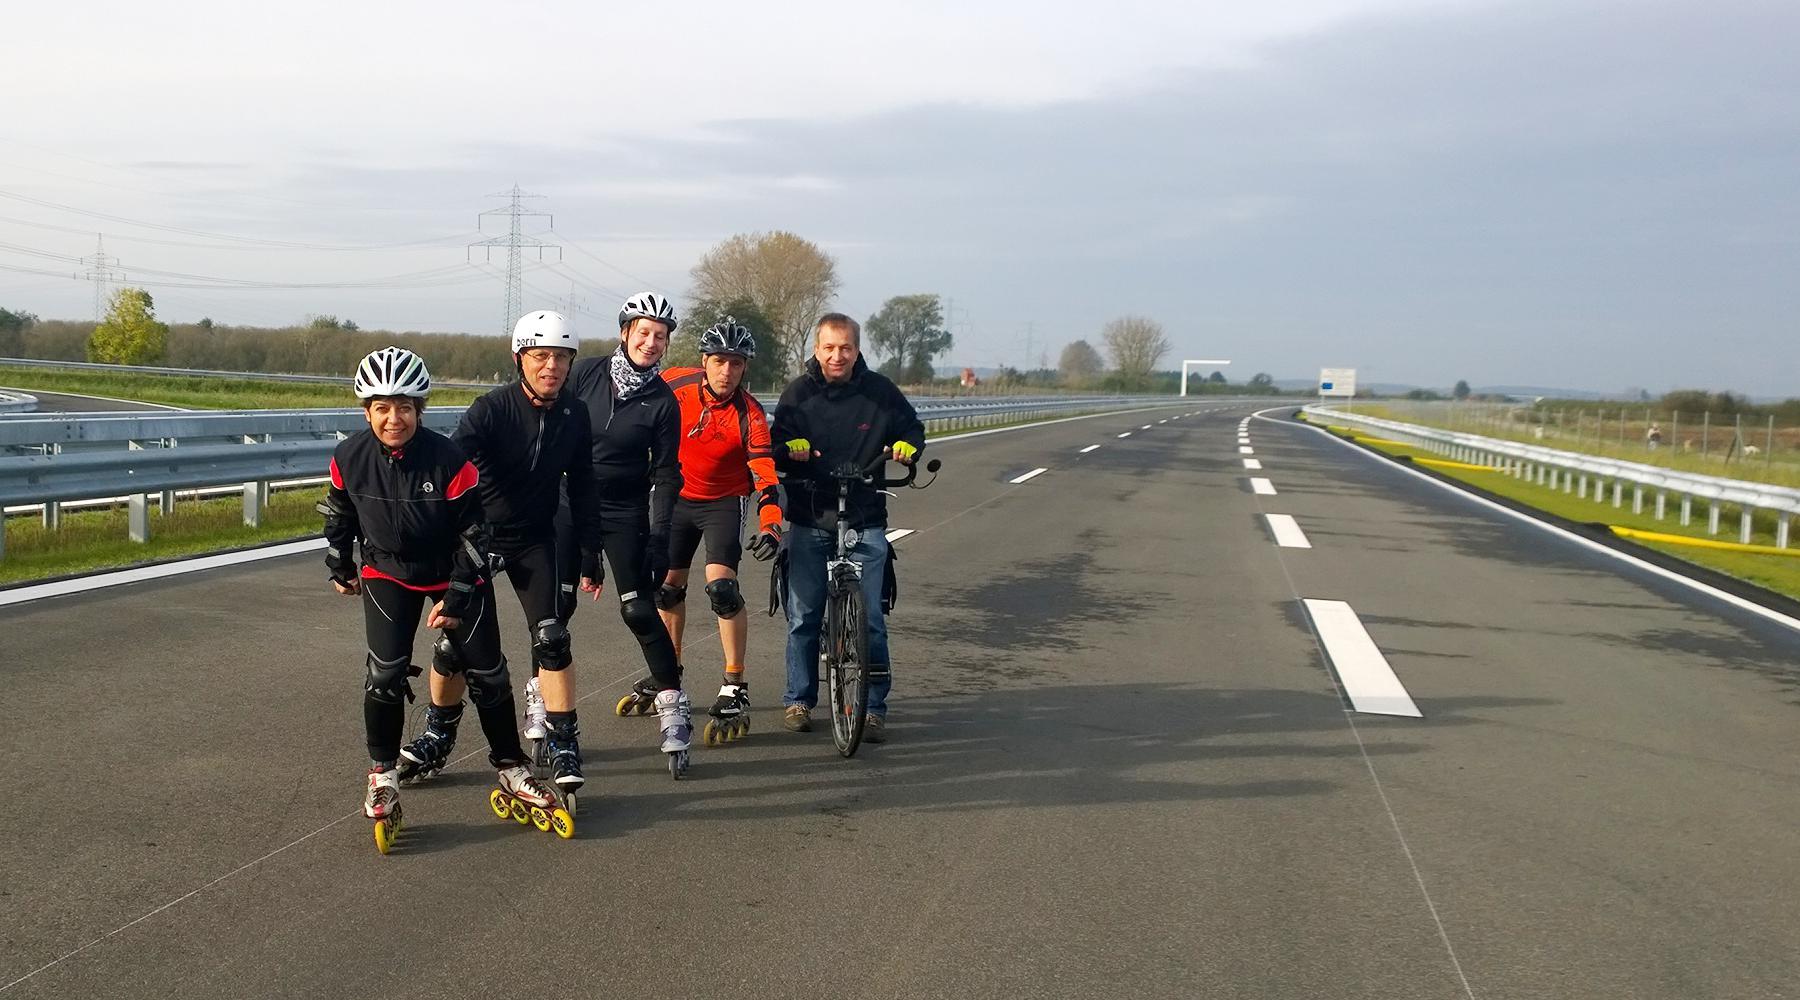 Autobahn-Skaten 2014